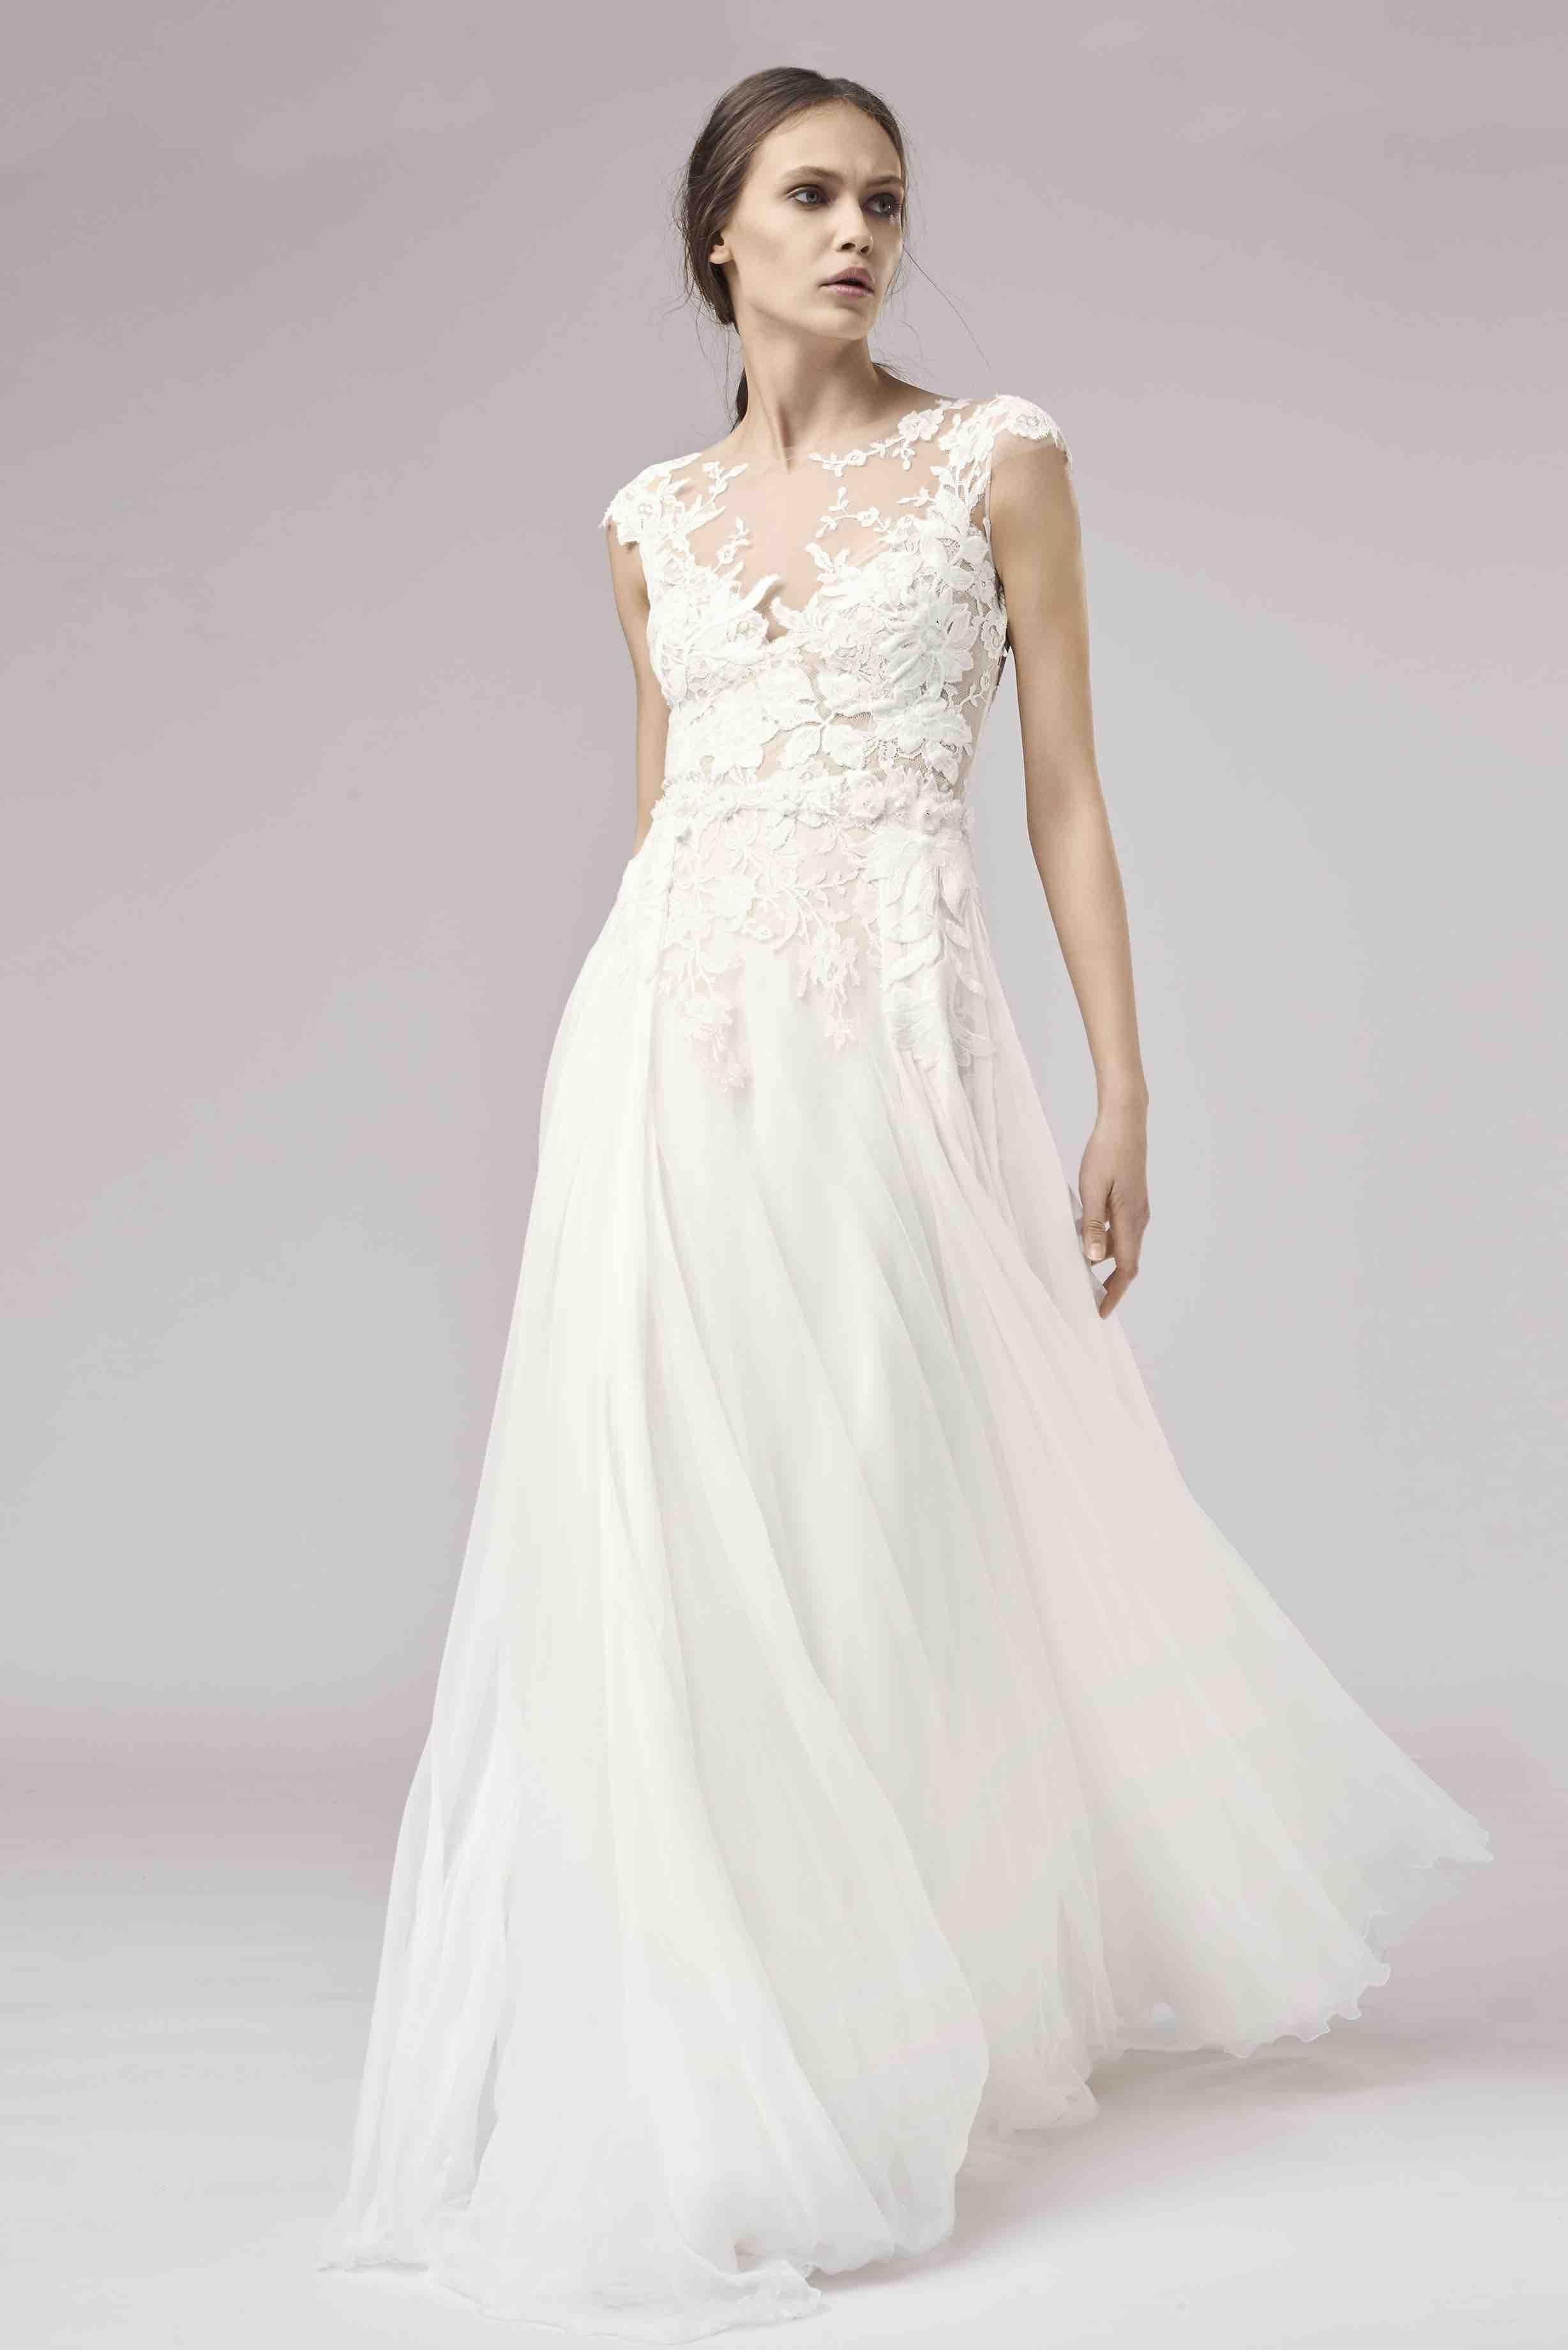 Anna Kara Die Brautkleider der polnischen Designerin ANNA KARA ...